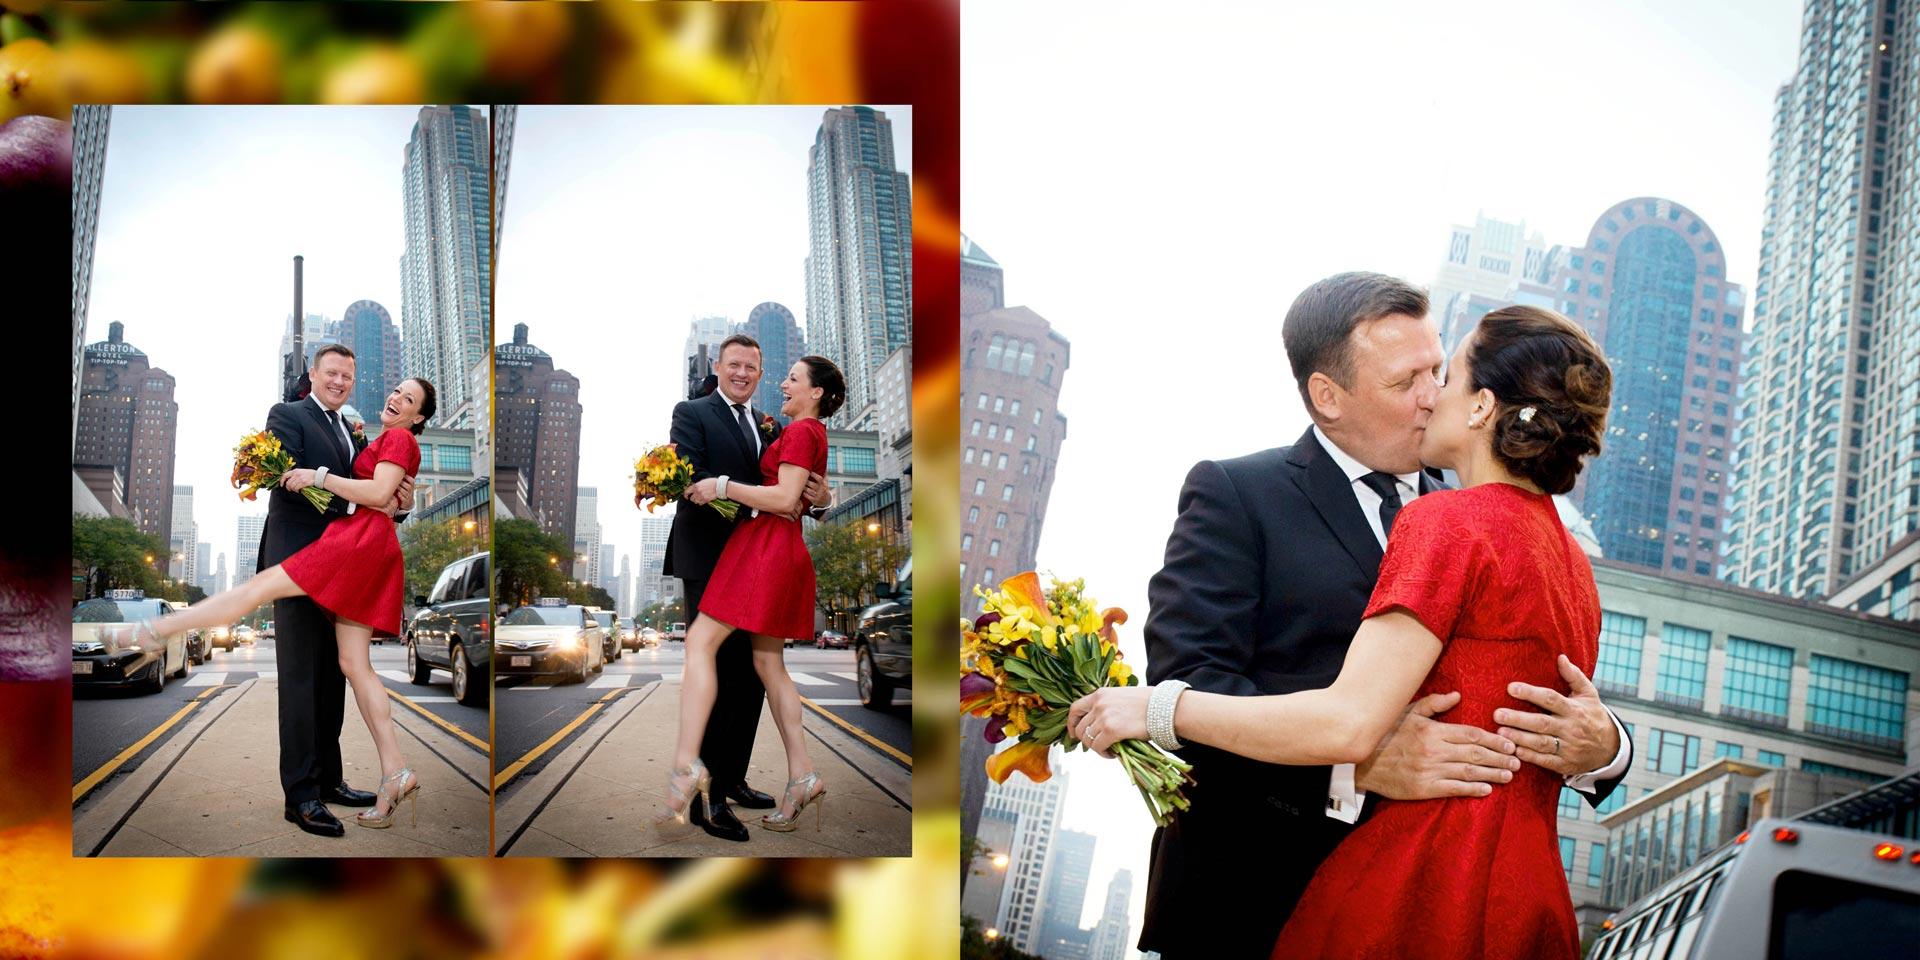 professional wedding album design service